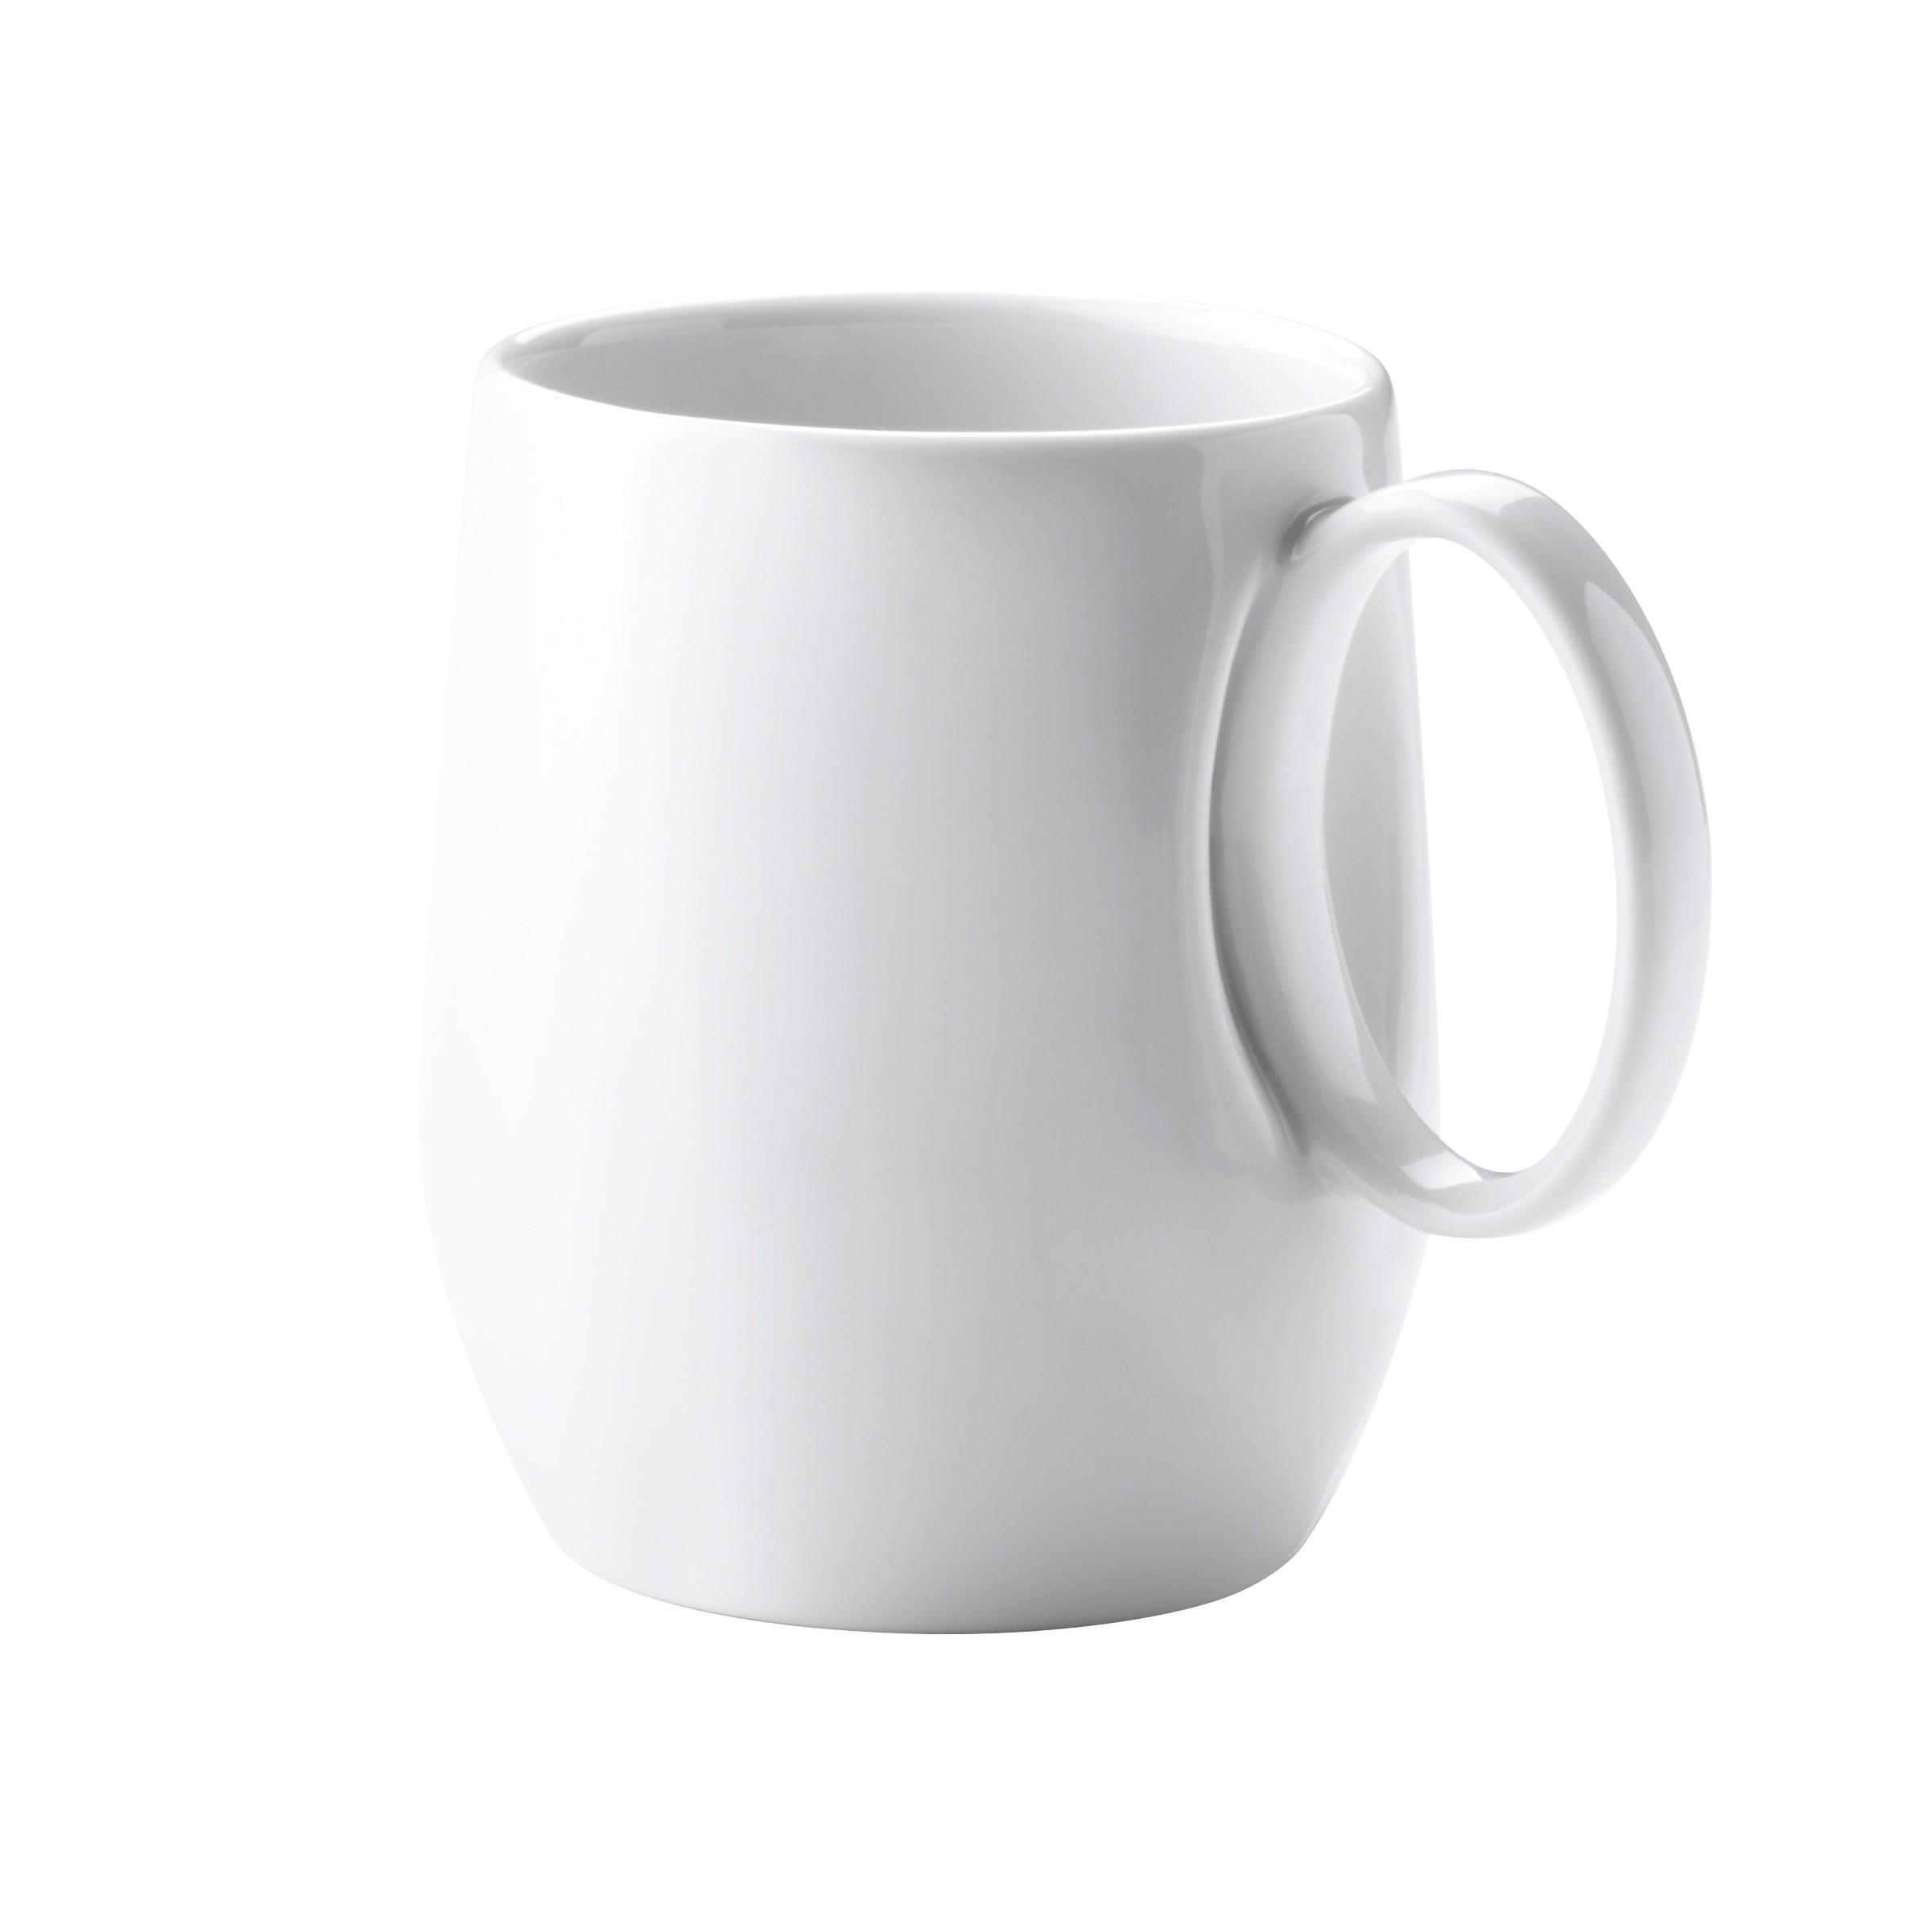 Mug en porcelaine blanche - Lot de 6